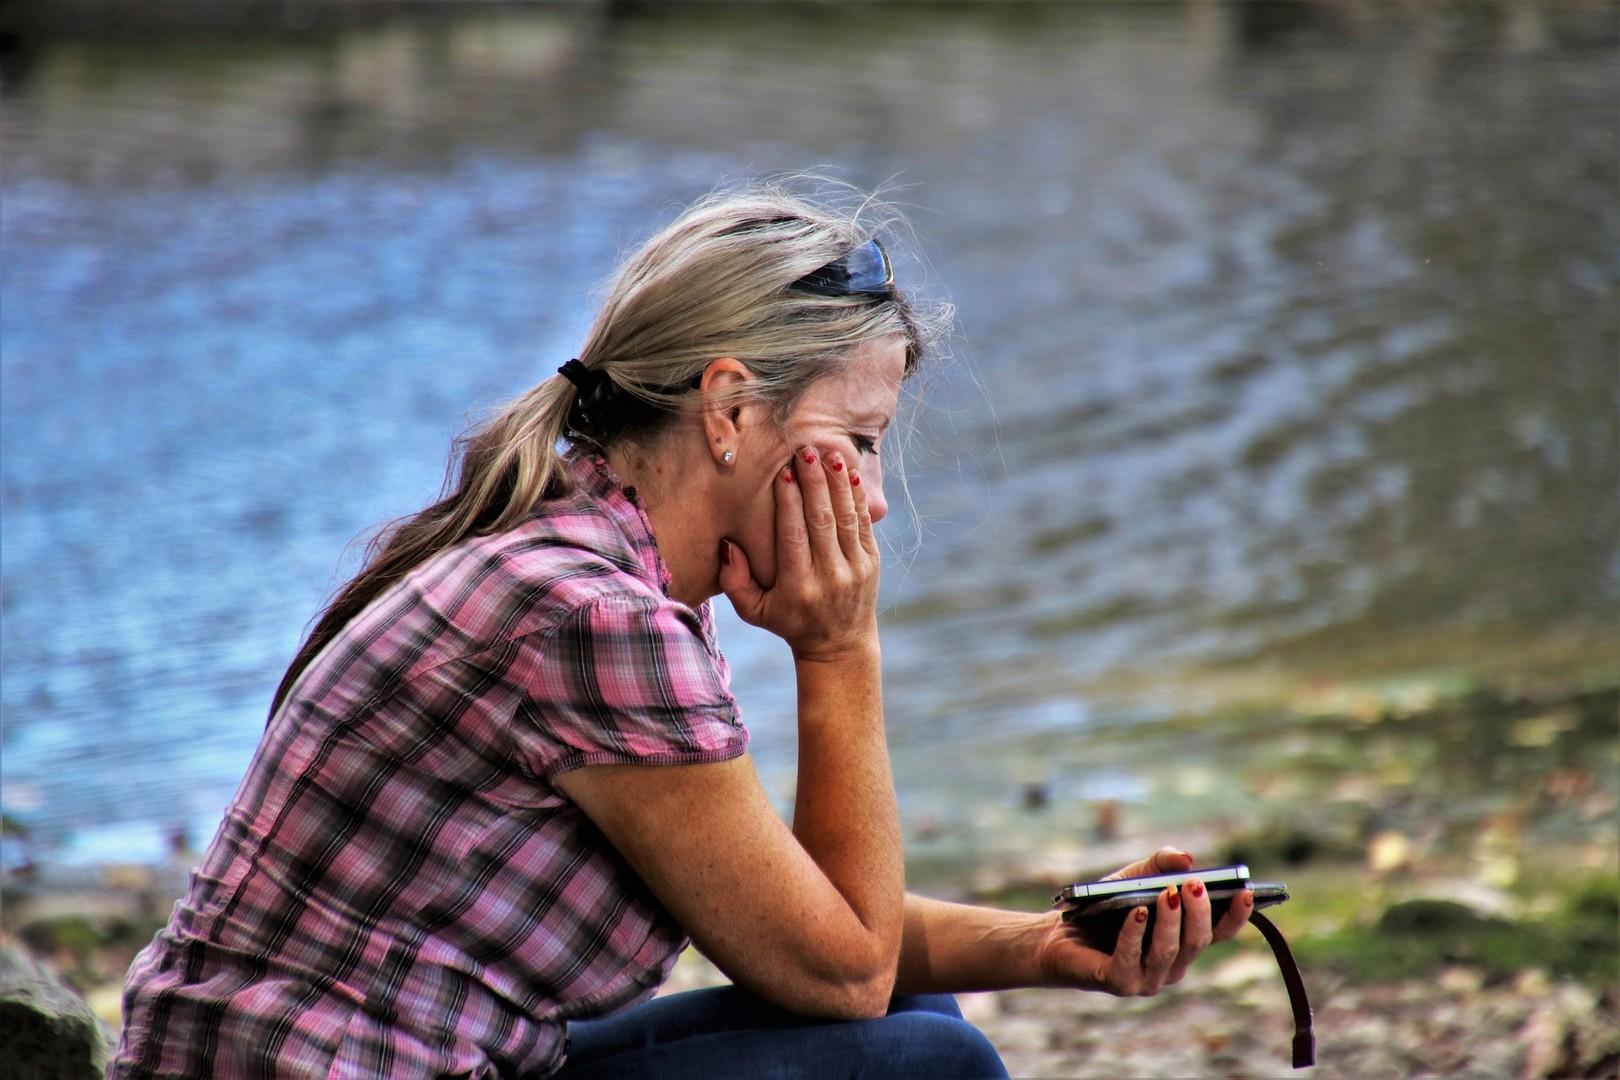 Почему не хочется общаться с людьми: 5 причин состояния и выход из него